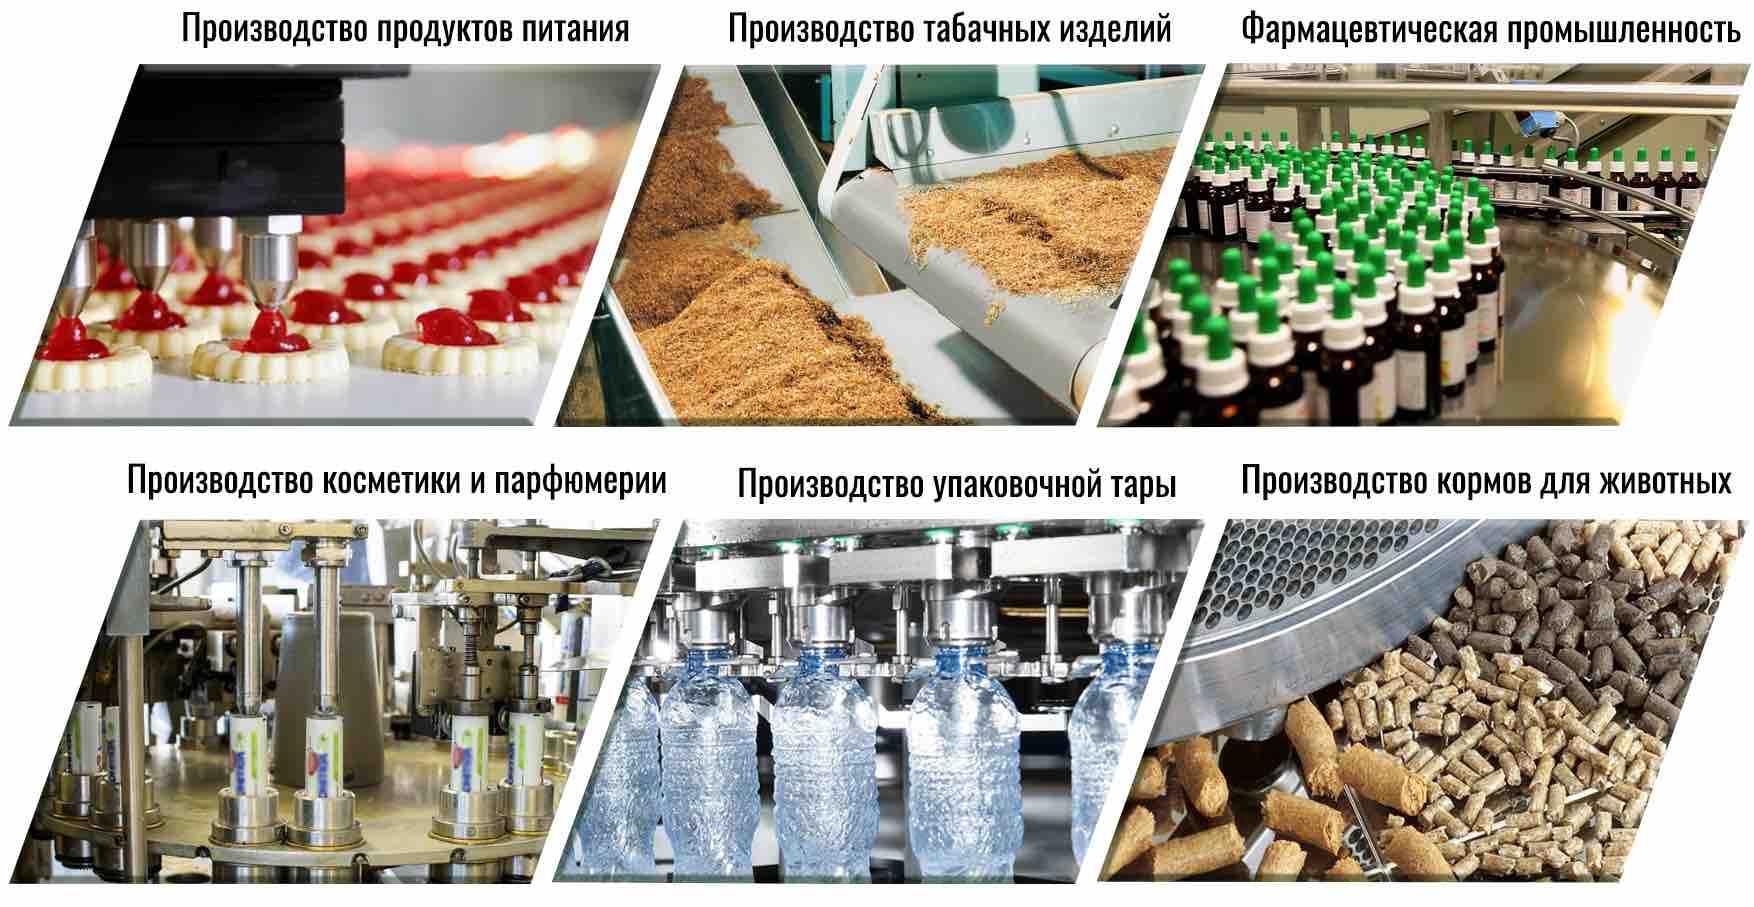 Области применения смазочных материалов с пищевым допуском